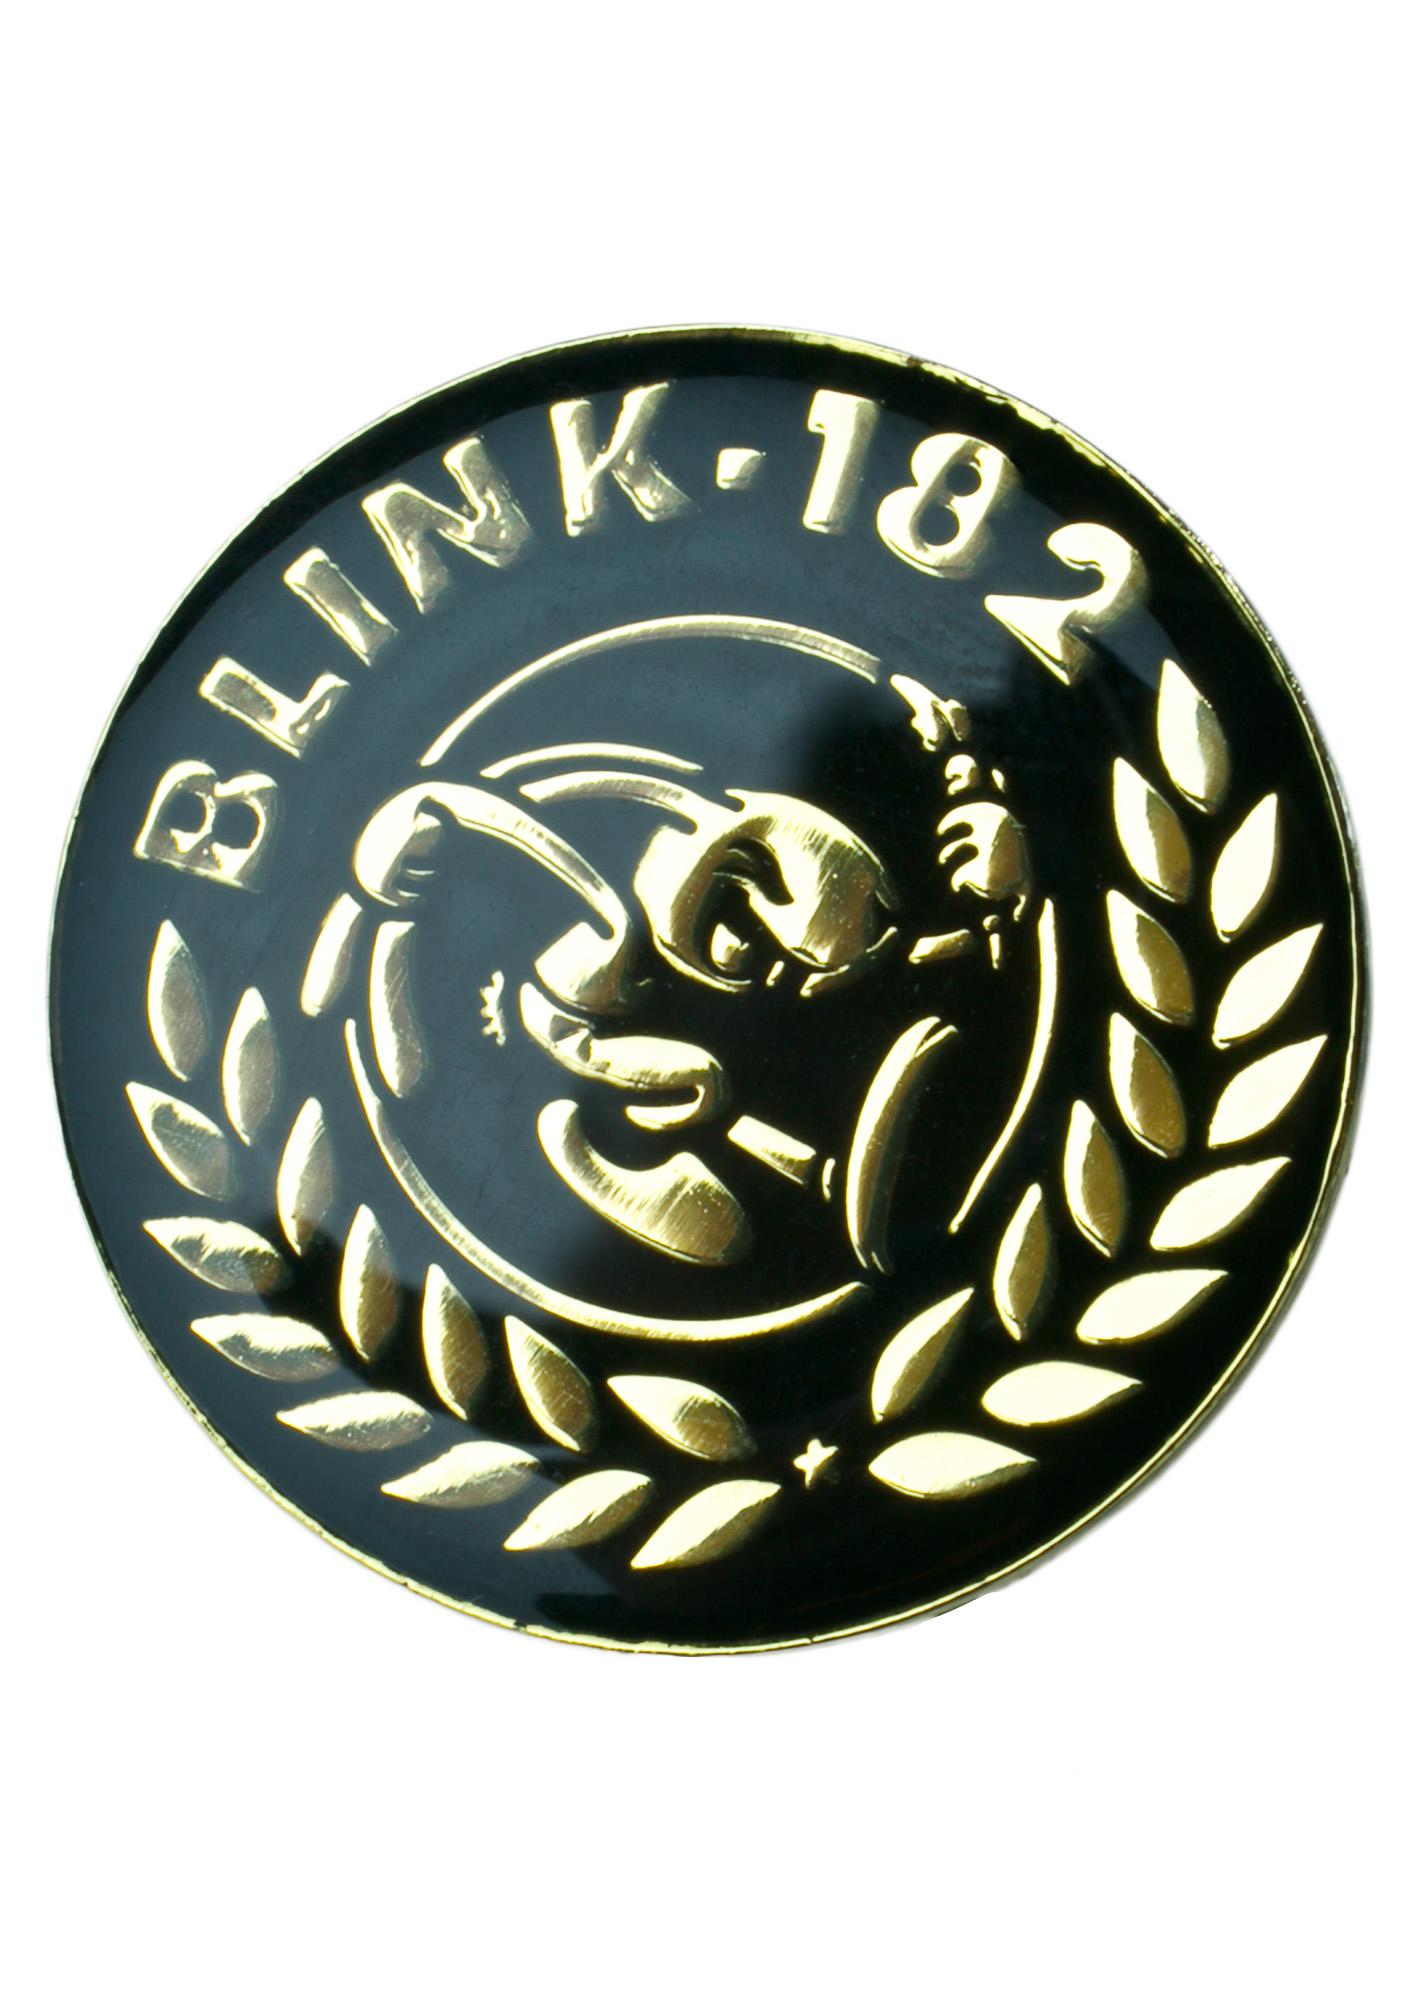 Blink-182 Pin